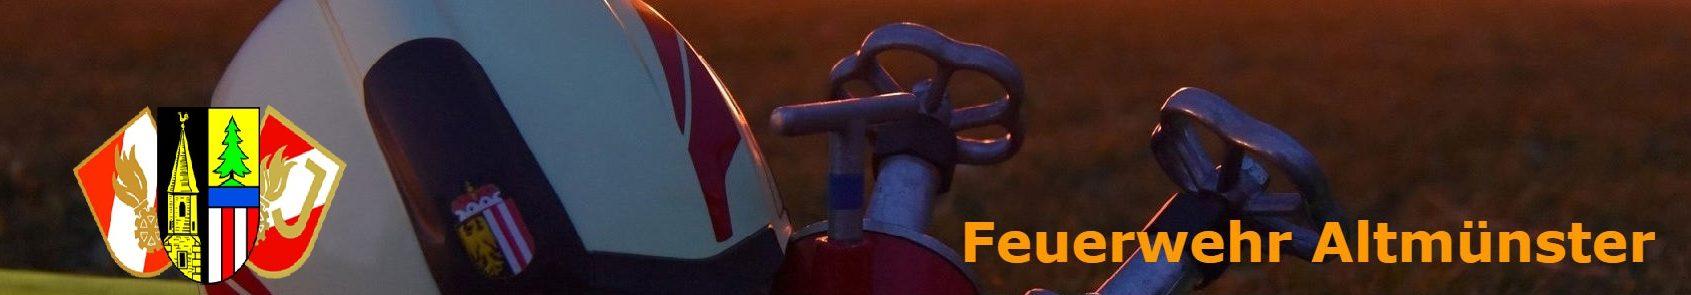 Freiw. Feuerwehr Altmünster